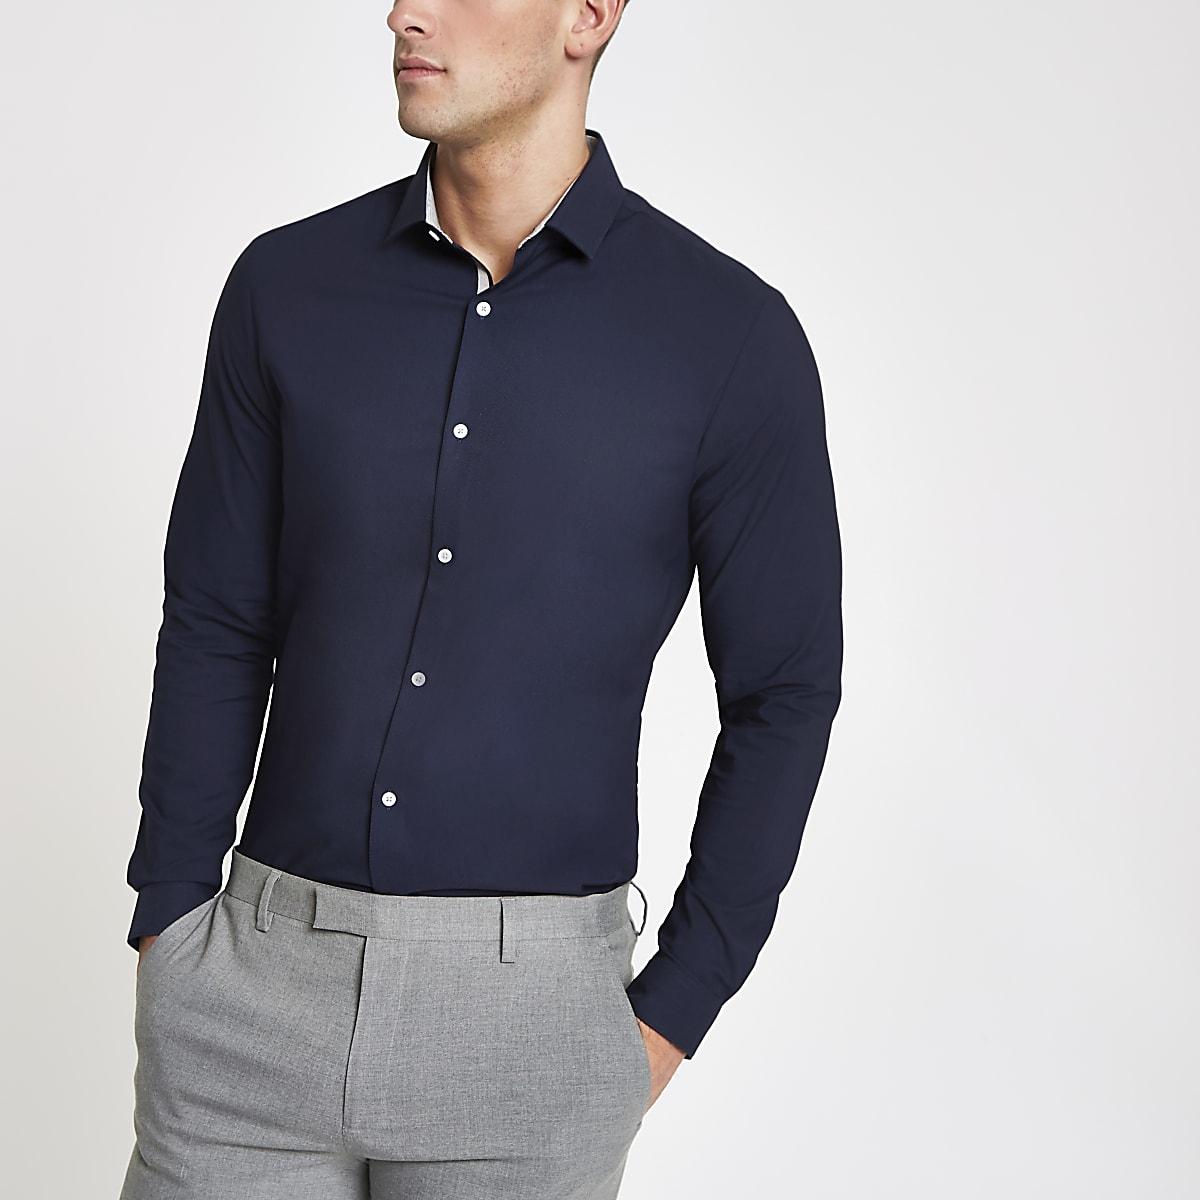 Navy smart texture stretch long sleeve shirt